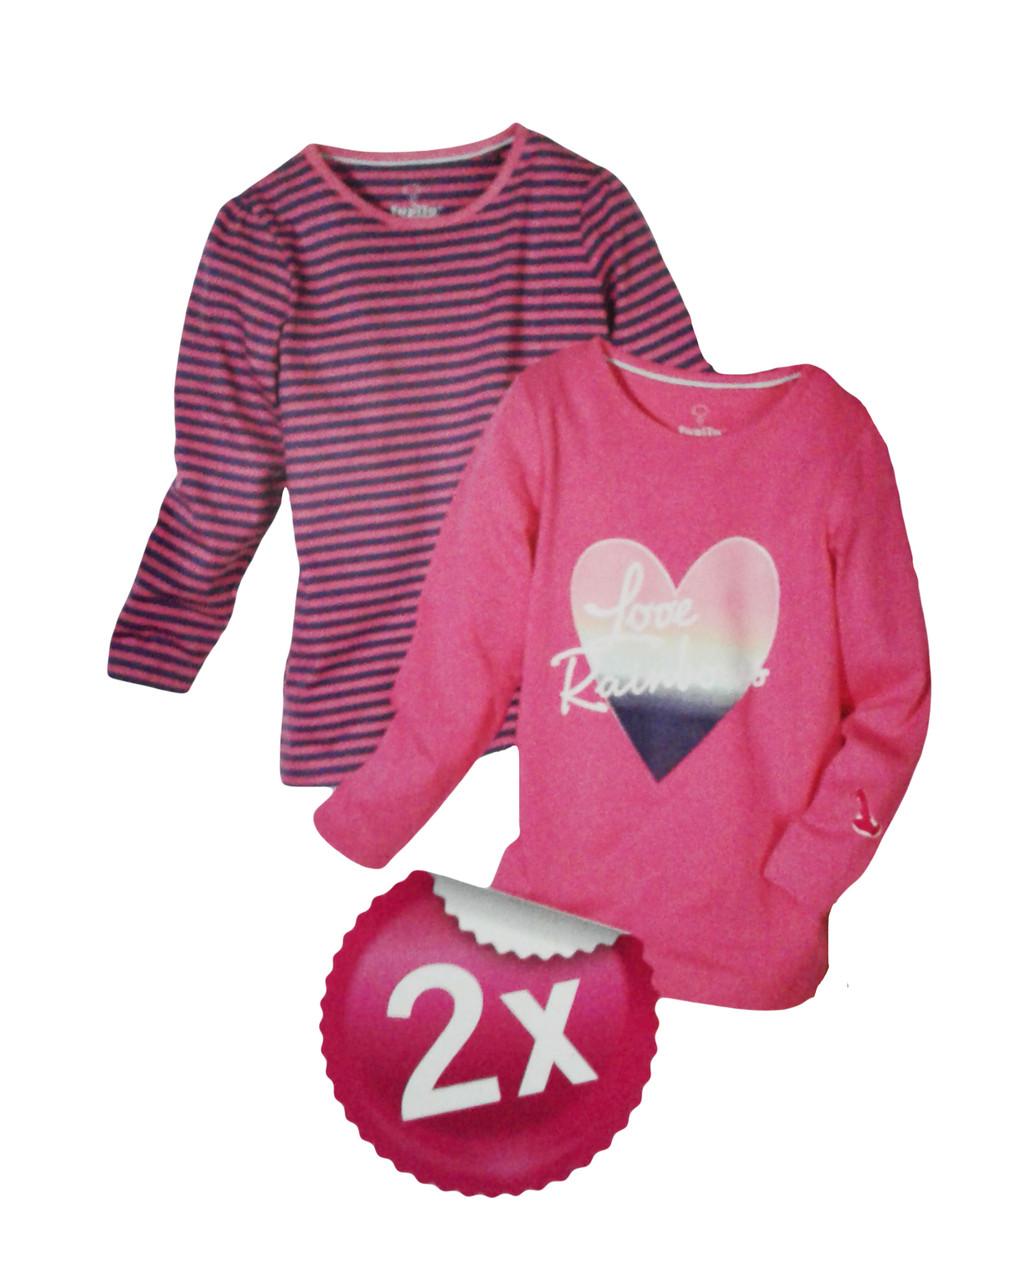 Реглан для девочки, ( 2 шт. в упаковке ), размеры 86/92(2), Lupilu, арт. Л-386